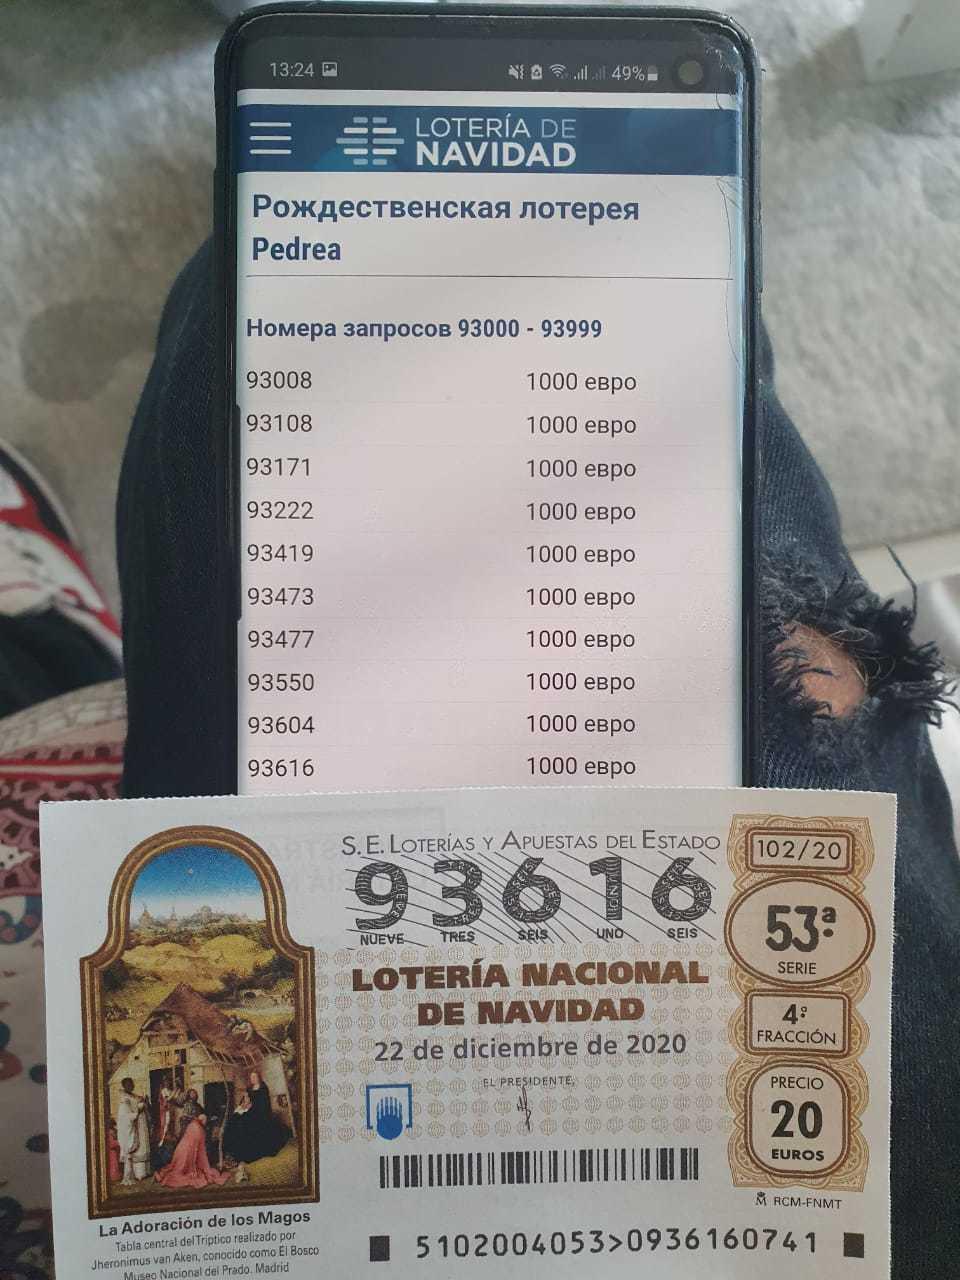 Новогодний миллиард от русского лото: какие призы будут разыгрываться